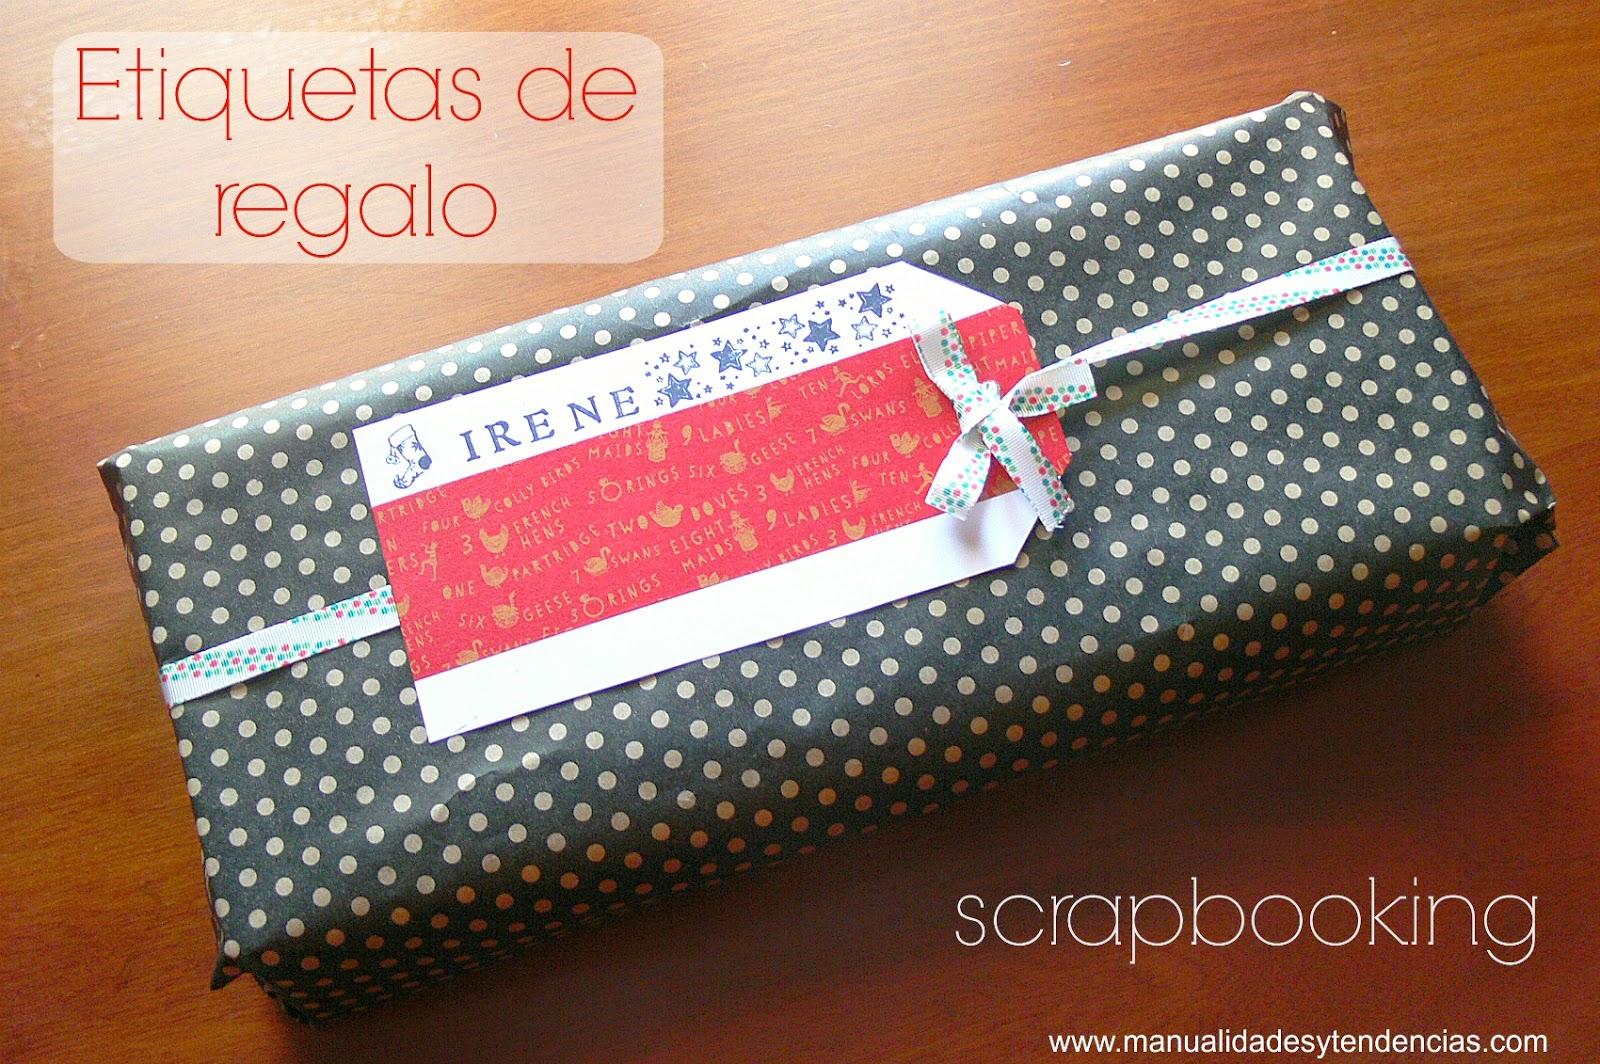 Etiquetas de regalo hechas a mano scrapbooking